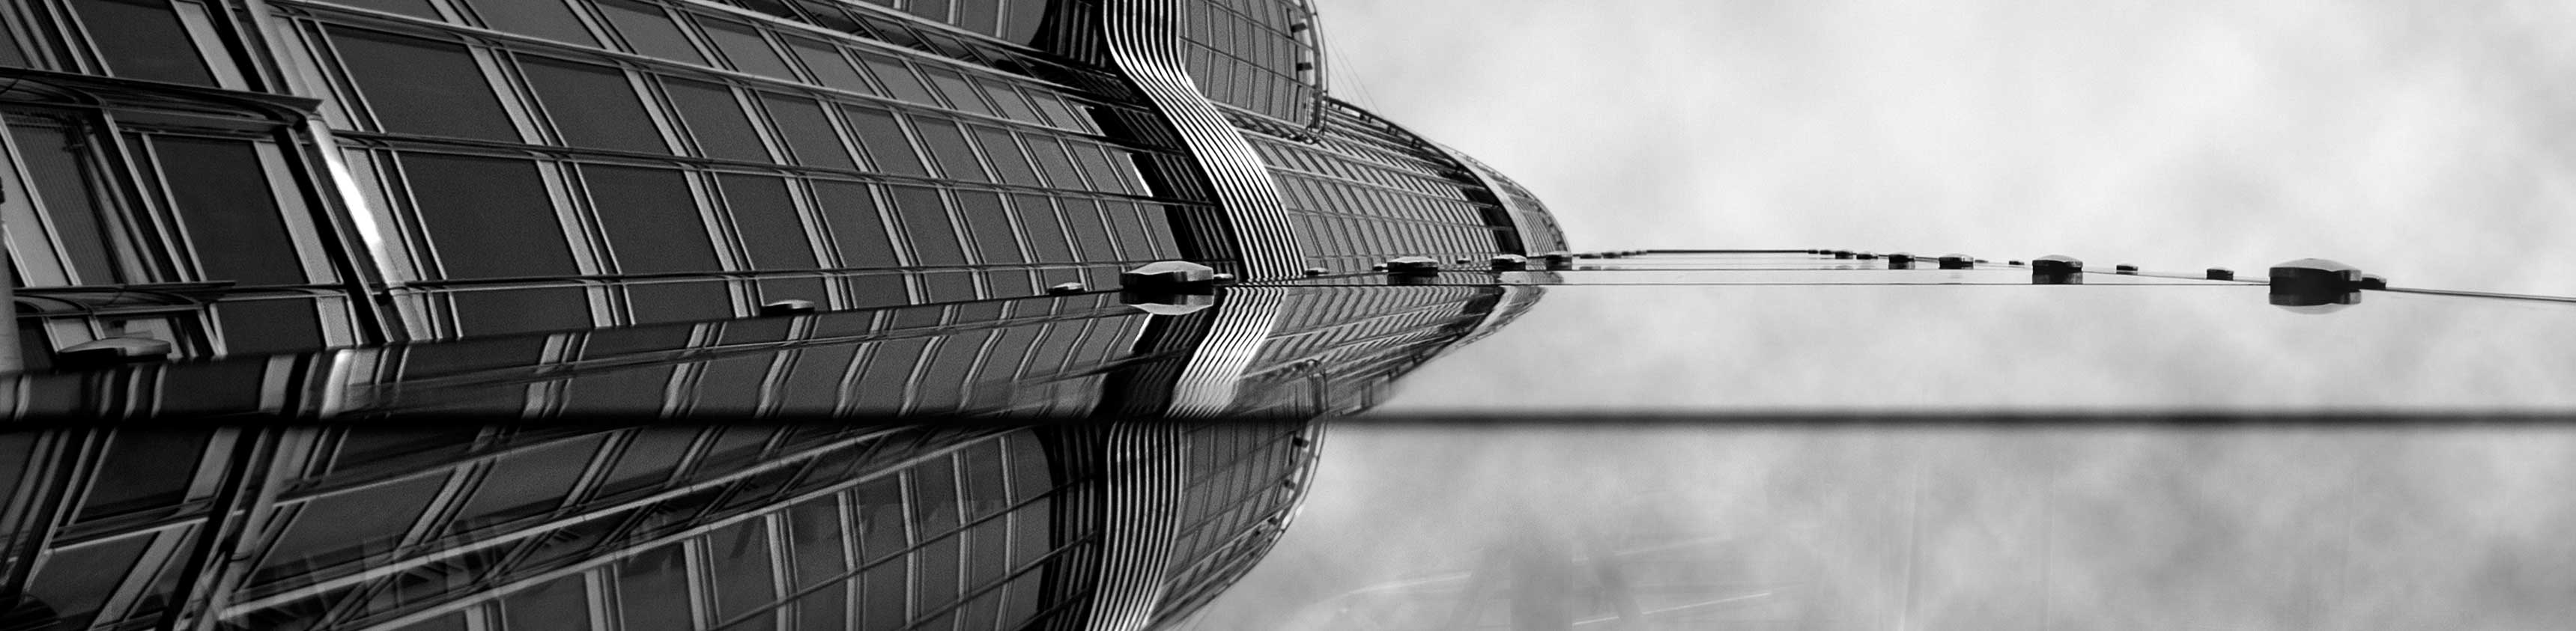 Slider-Burj-Khalifa